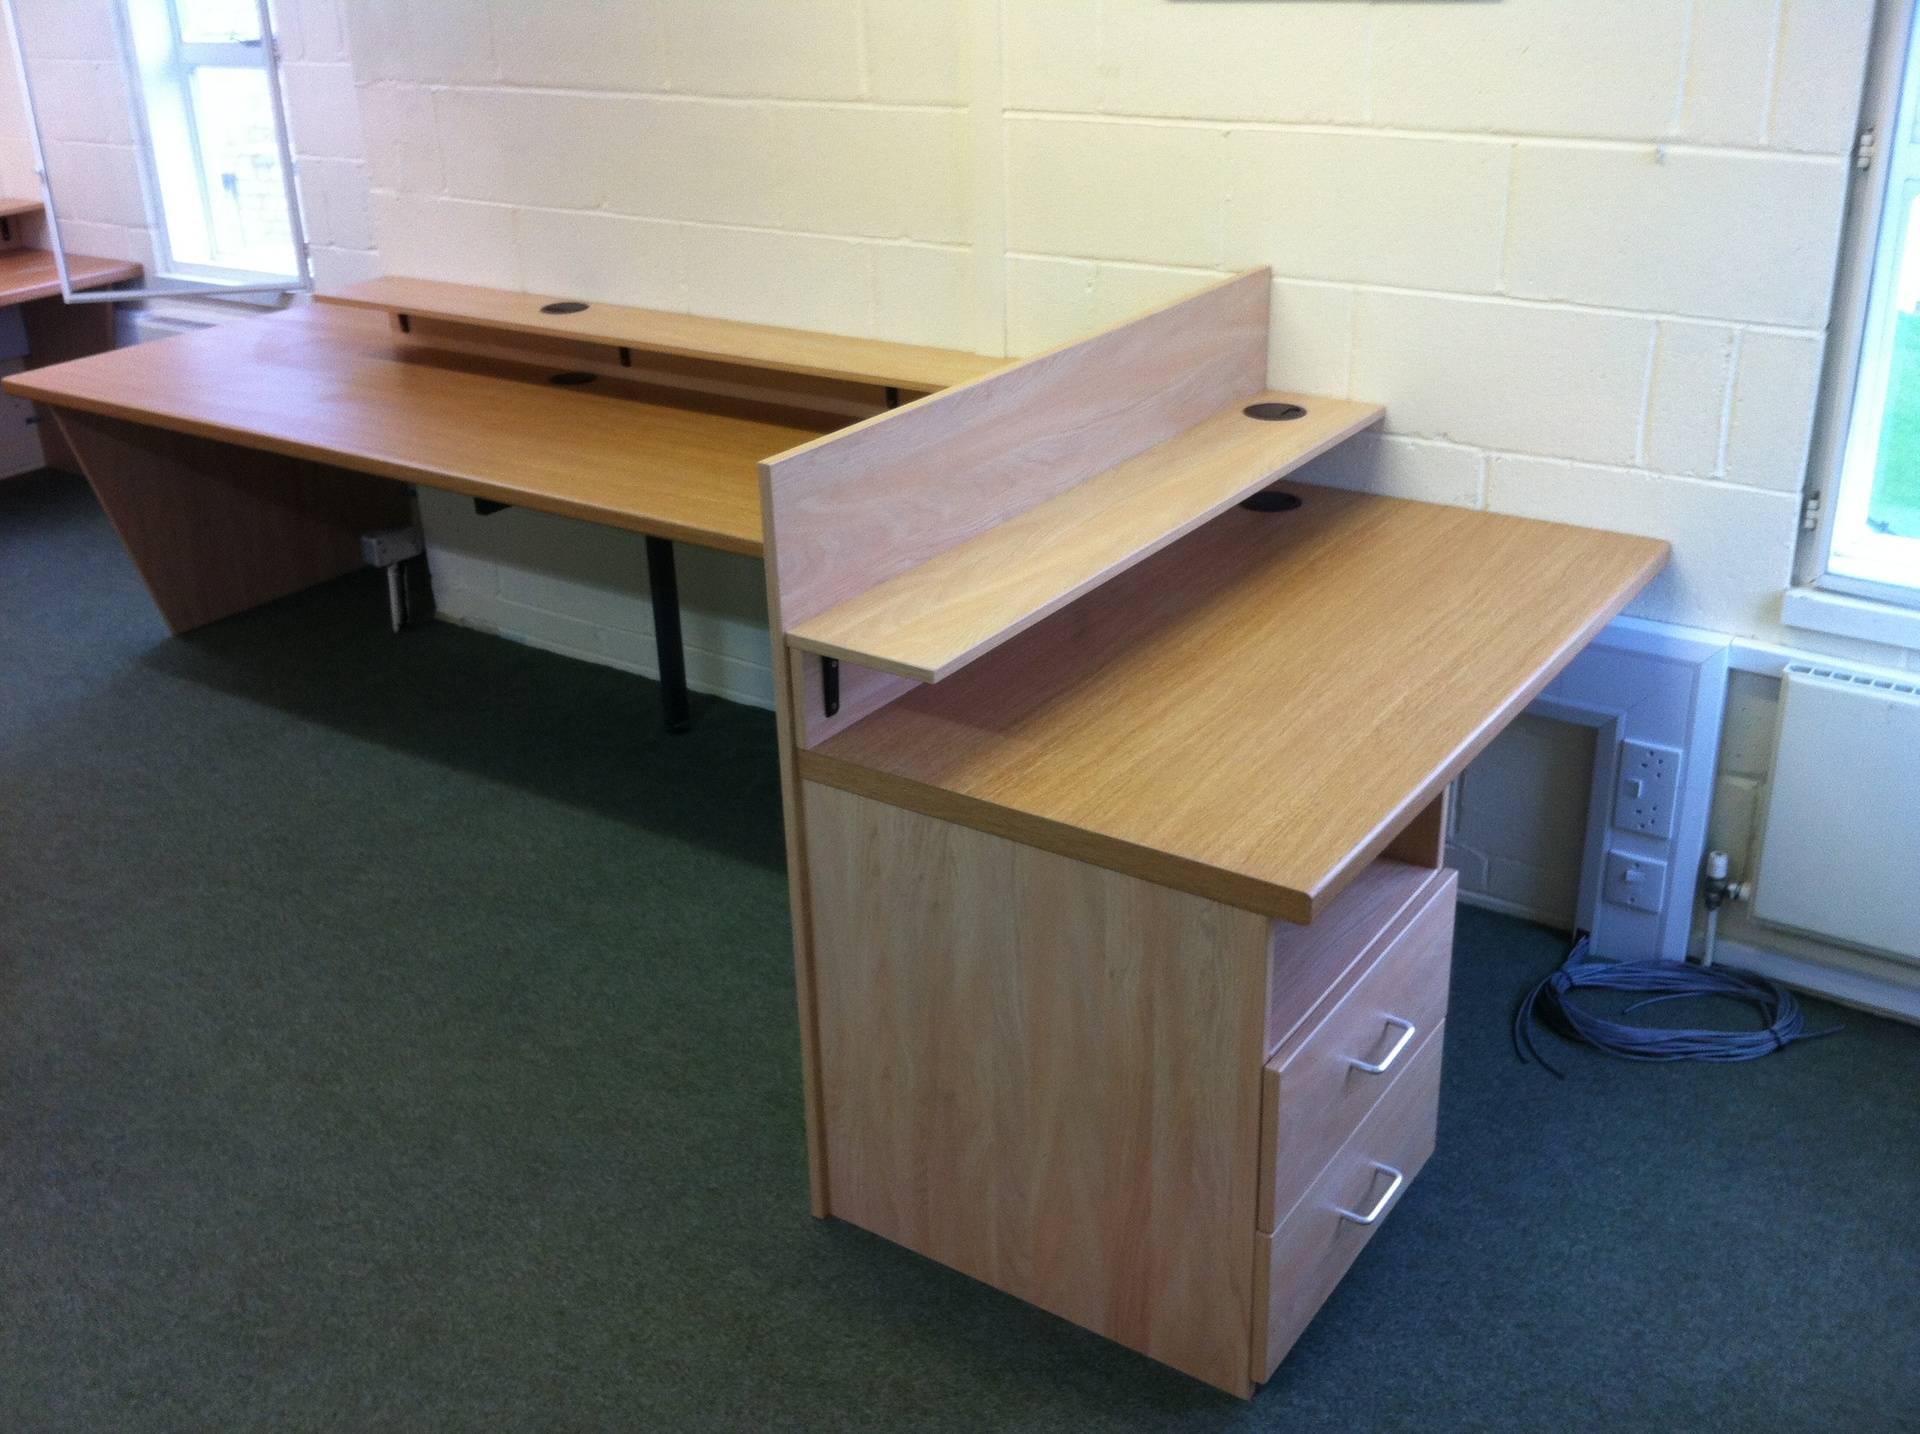 Desks for school